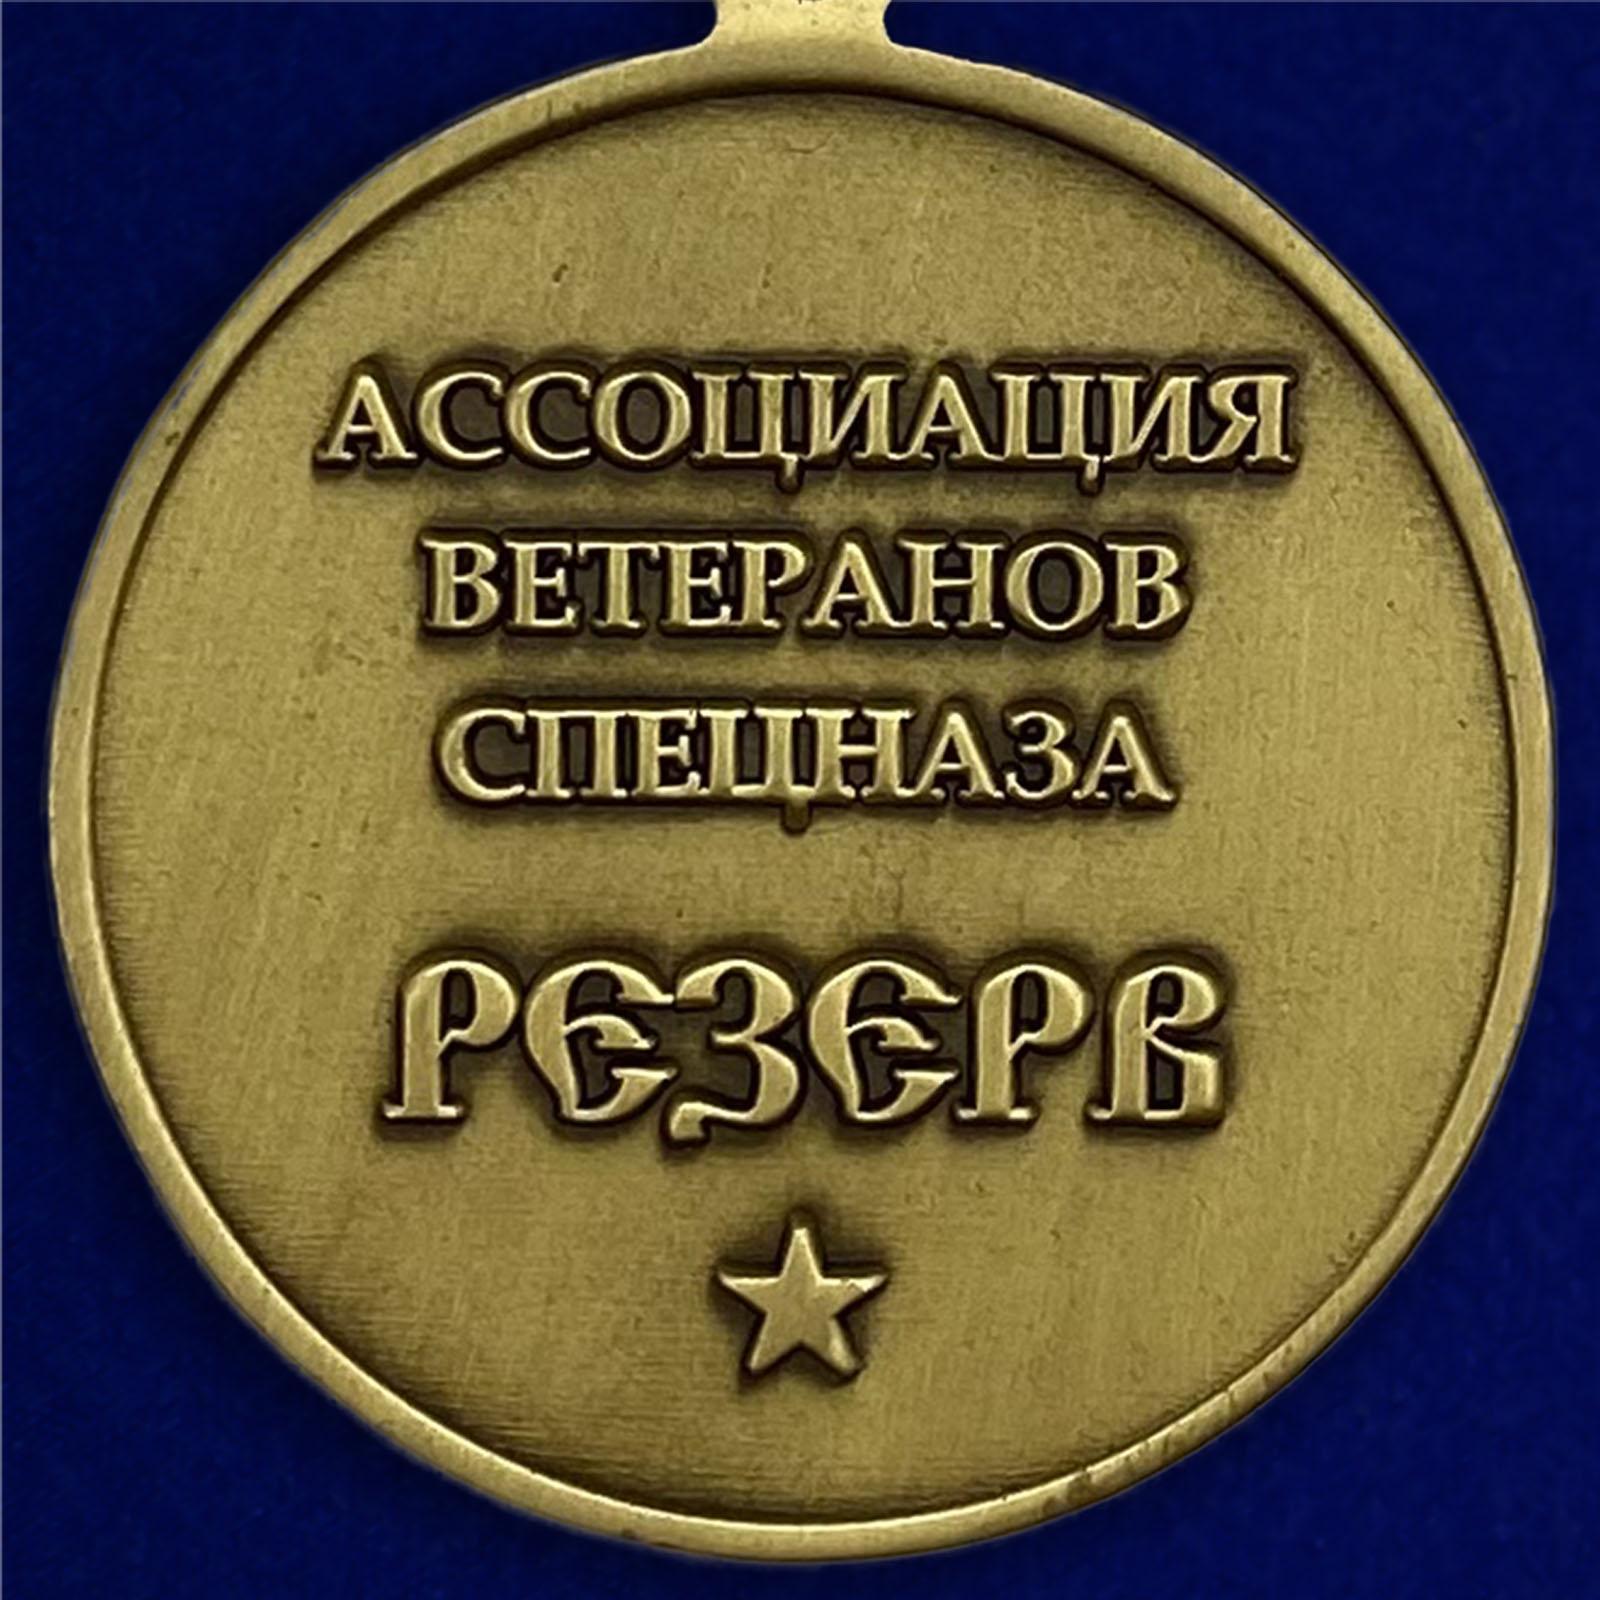 Медаль «Резерв» Ассоциация ветеранов спецназа - обратная сторона